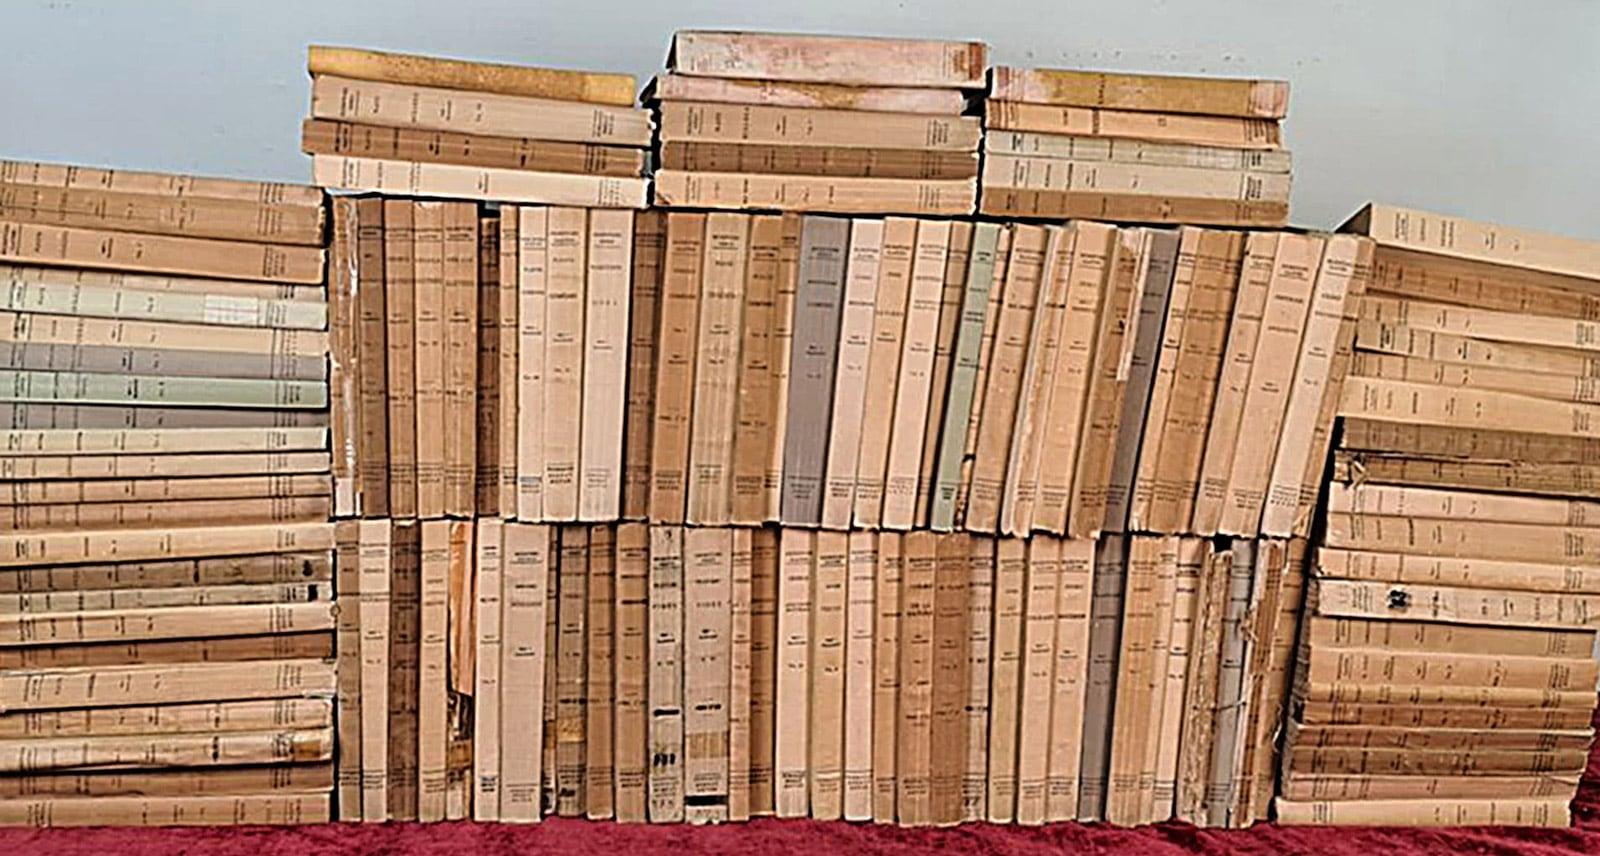 127 volums de la col lecció de clàssics de la Fundació Bernat Metge.